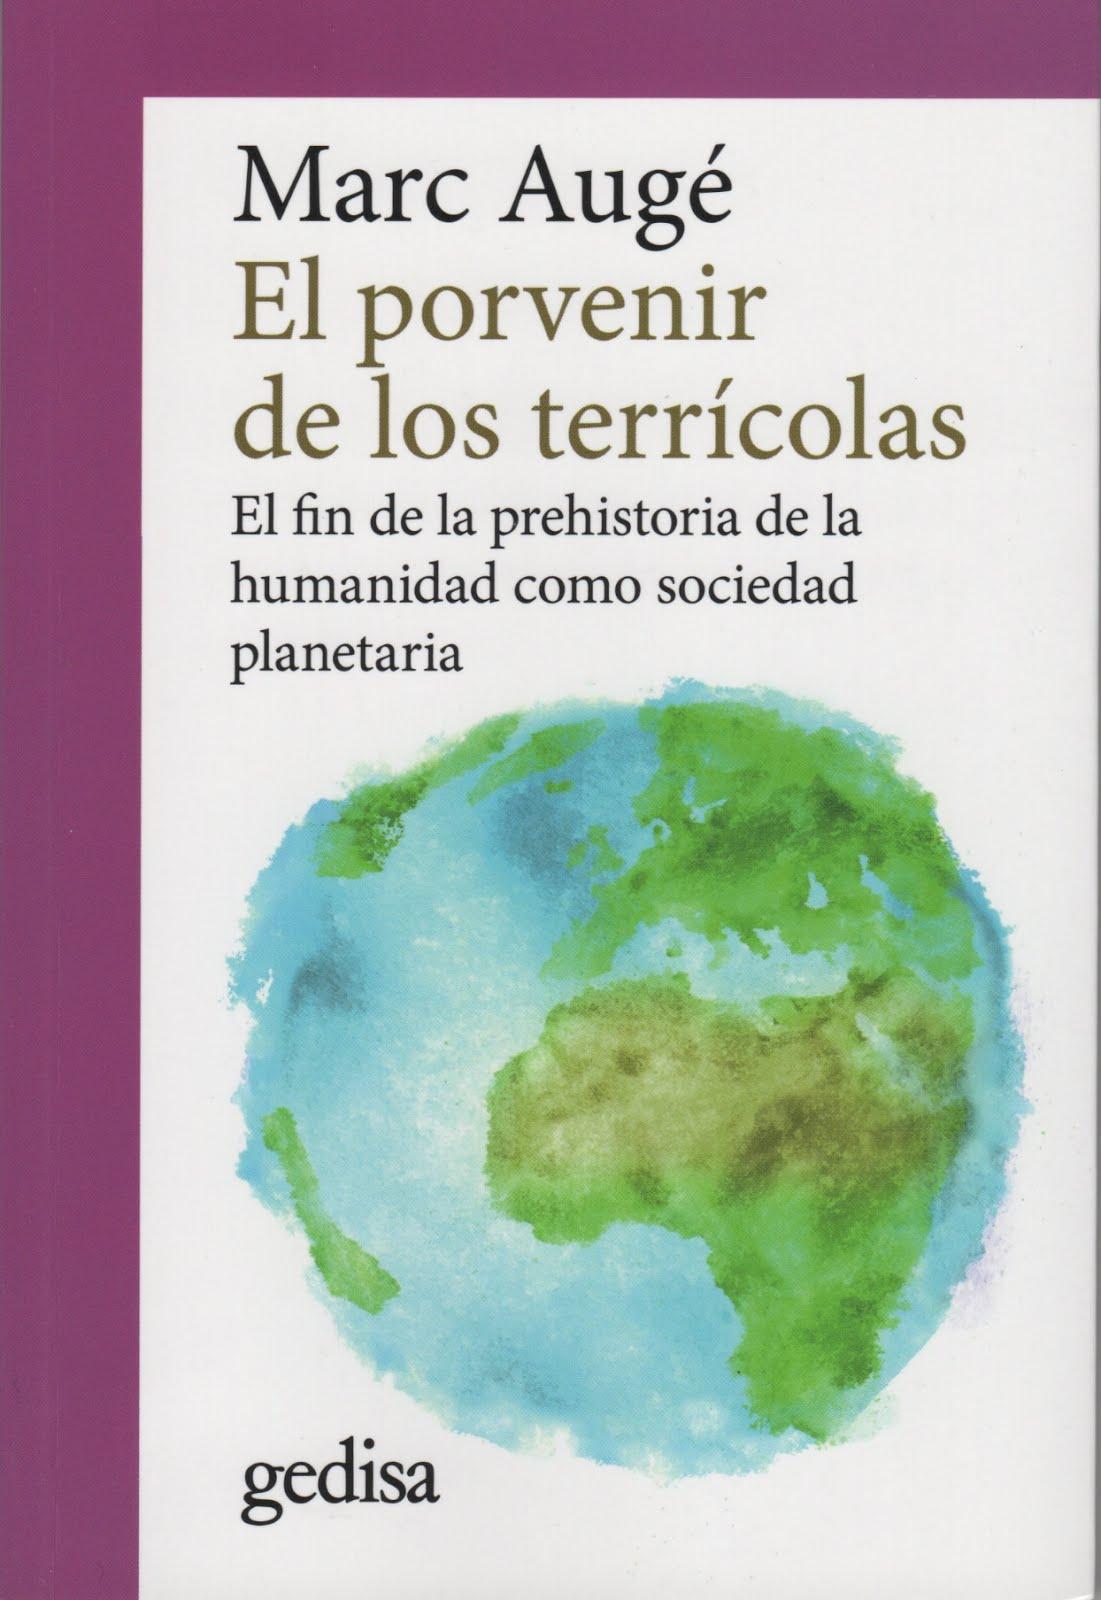 Marc Augé (El porvenir de los terrícolas) El fin de la prehistoria de la humanidad como sociedad...